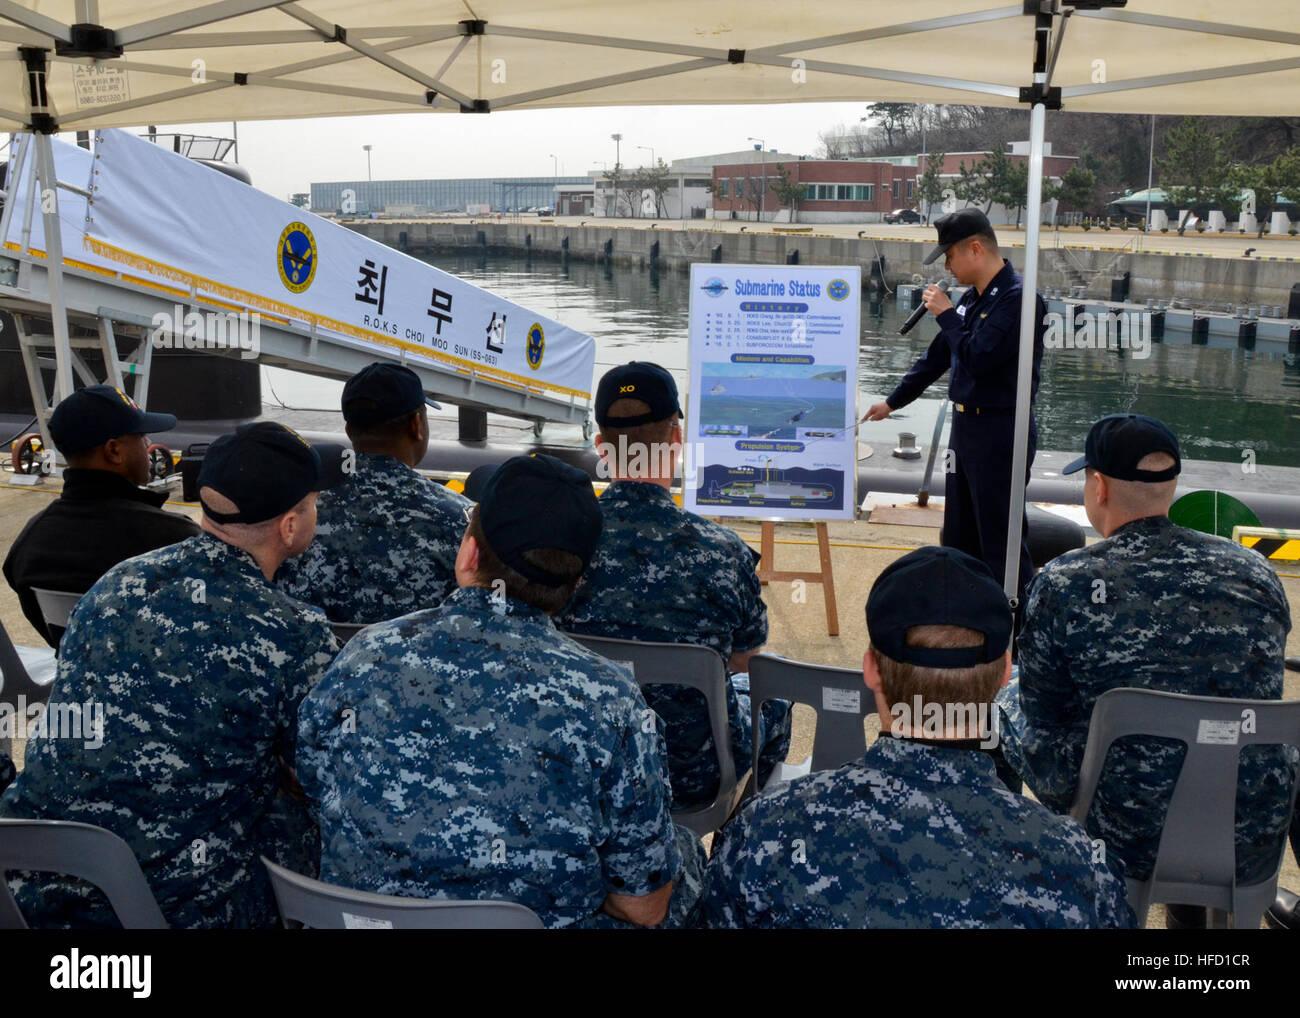 150316-N-YM720-014 JINHAE, République de Corée (16 mars 2015) marins affectés à l'adjudication Photo Stock